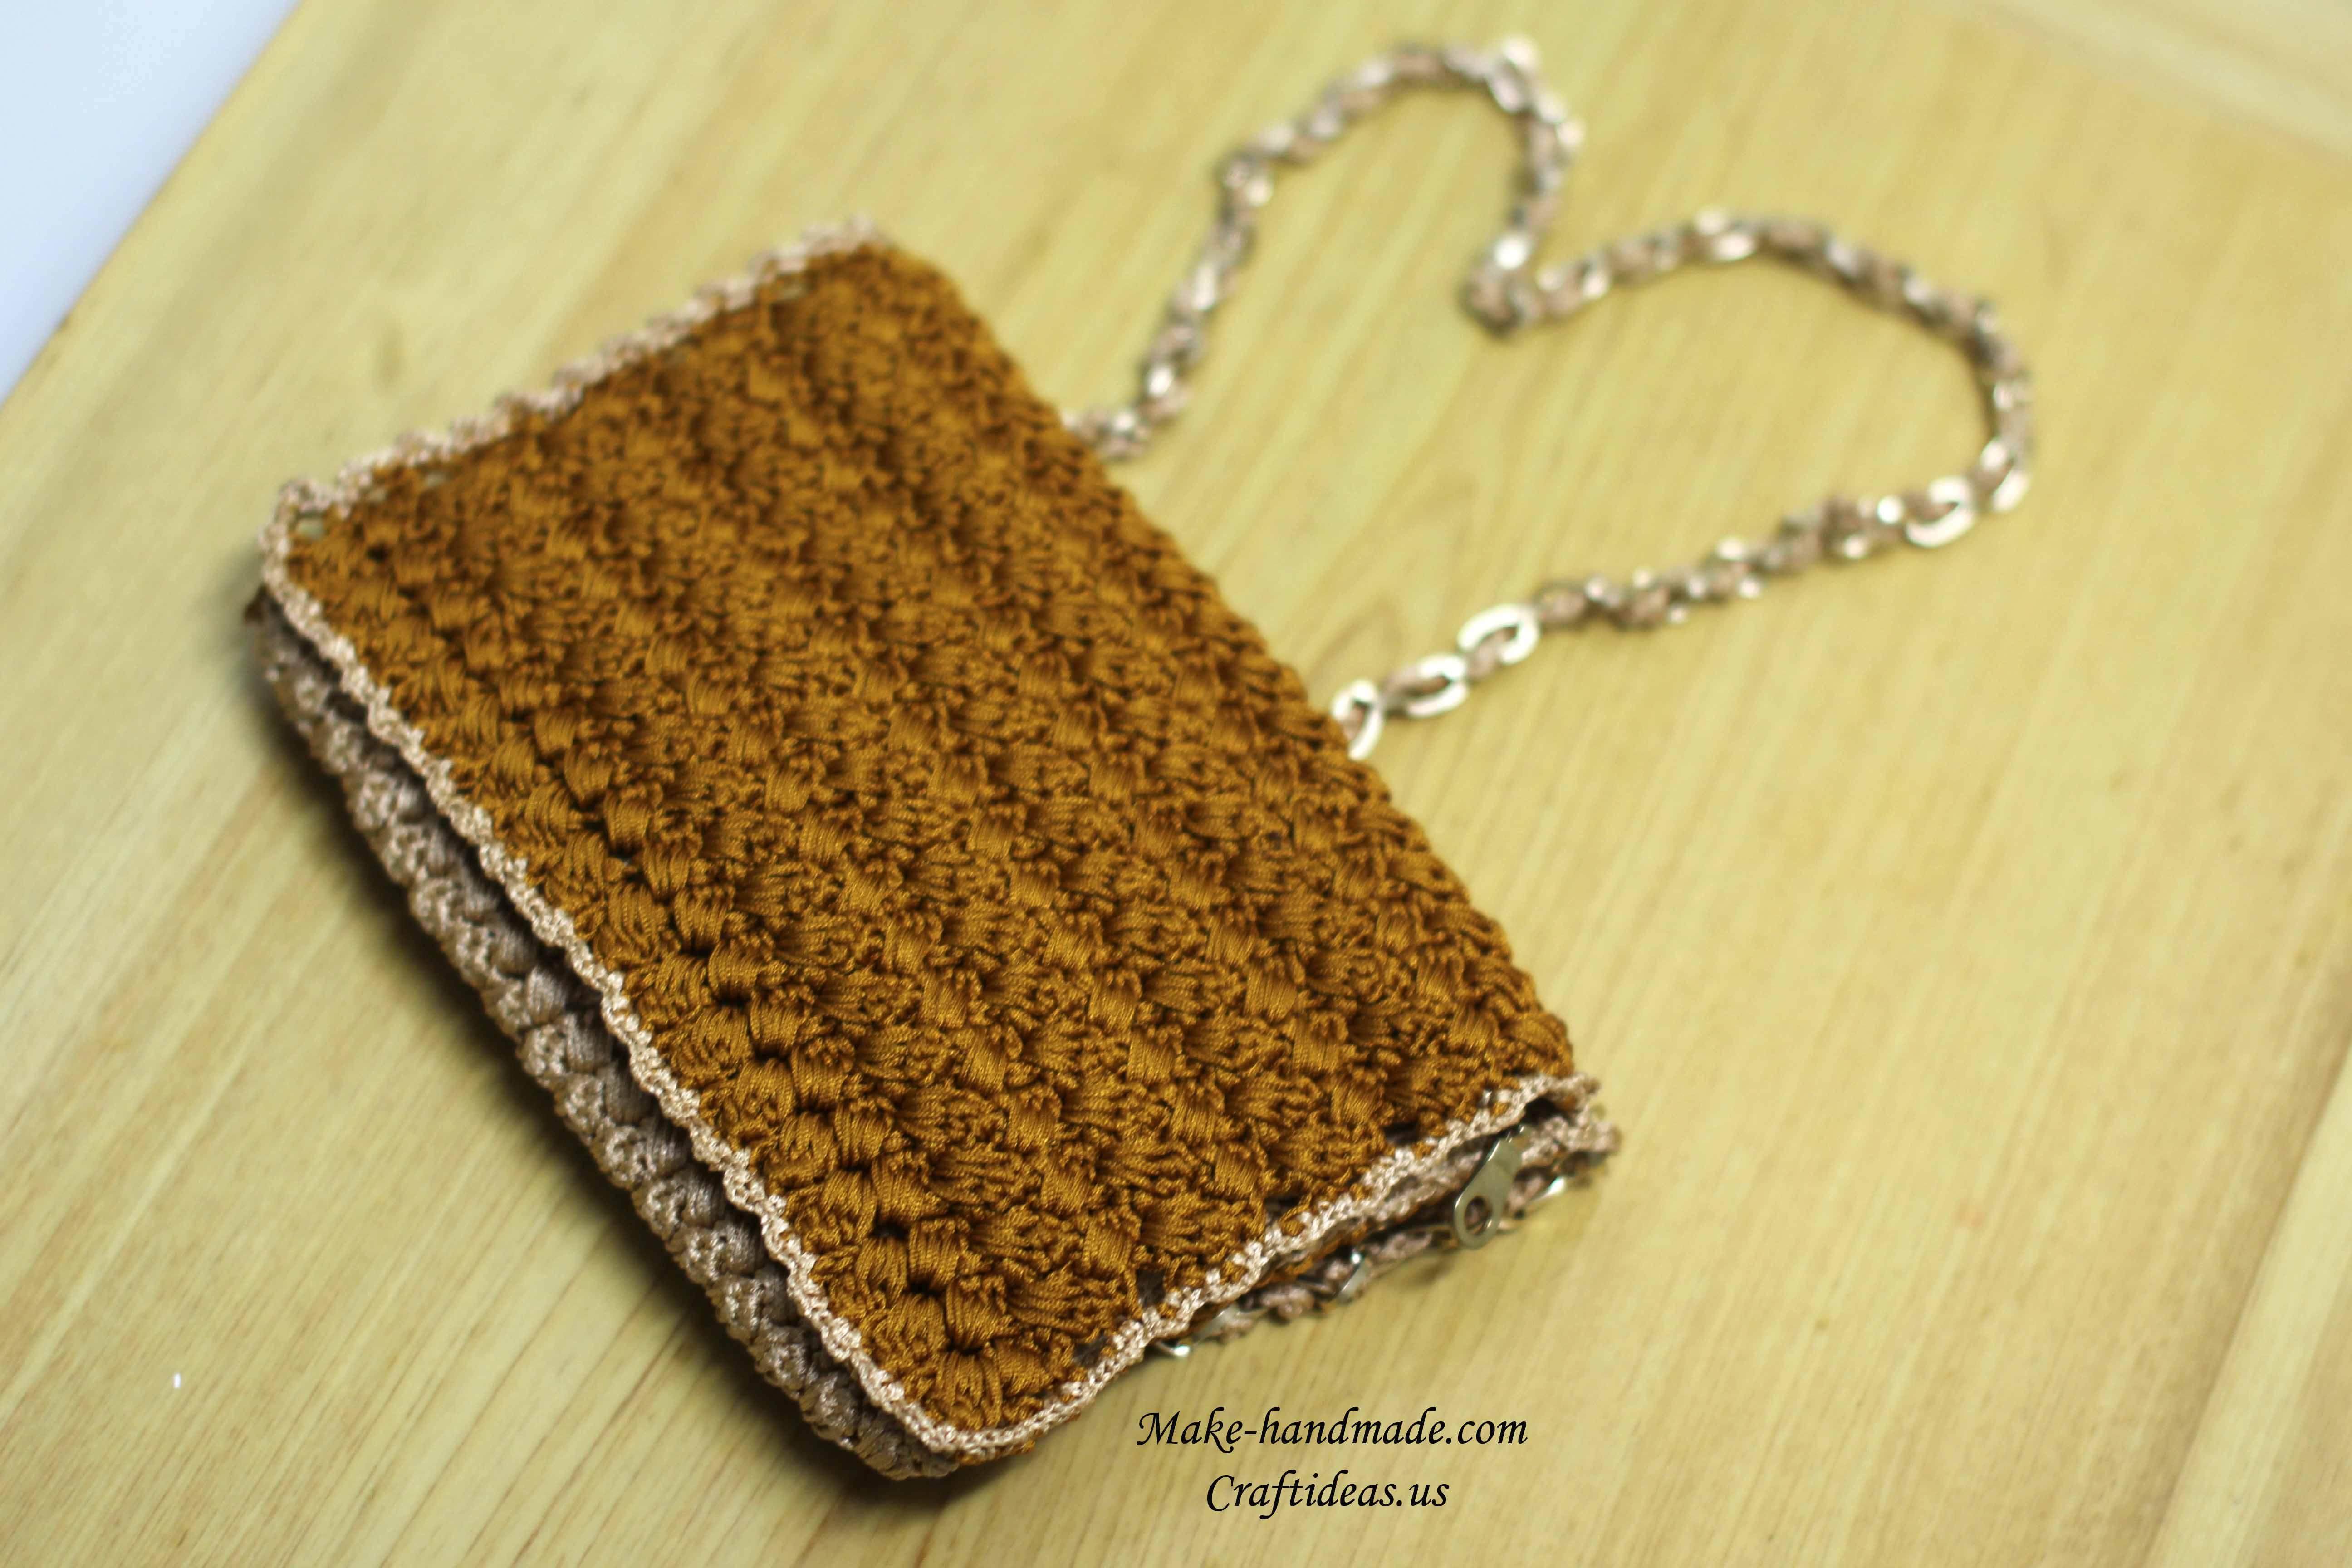 crochet handmade popcorn purse and handbag